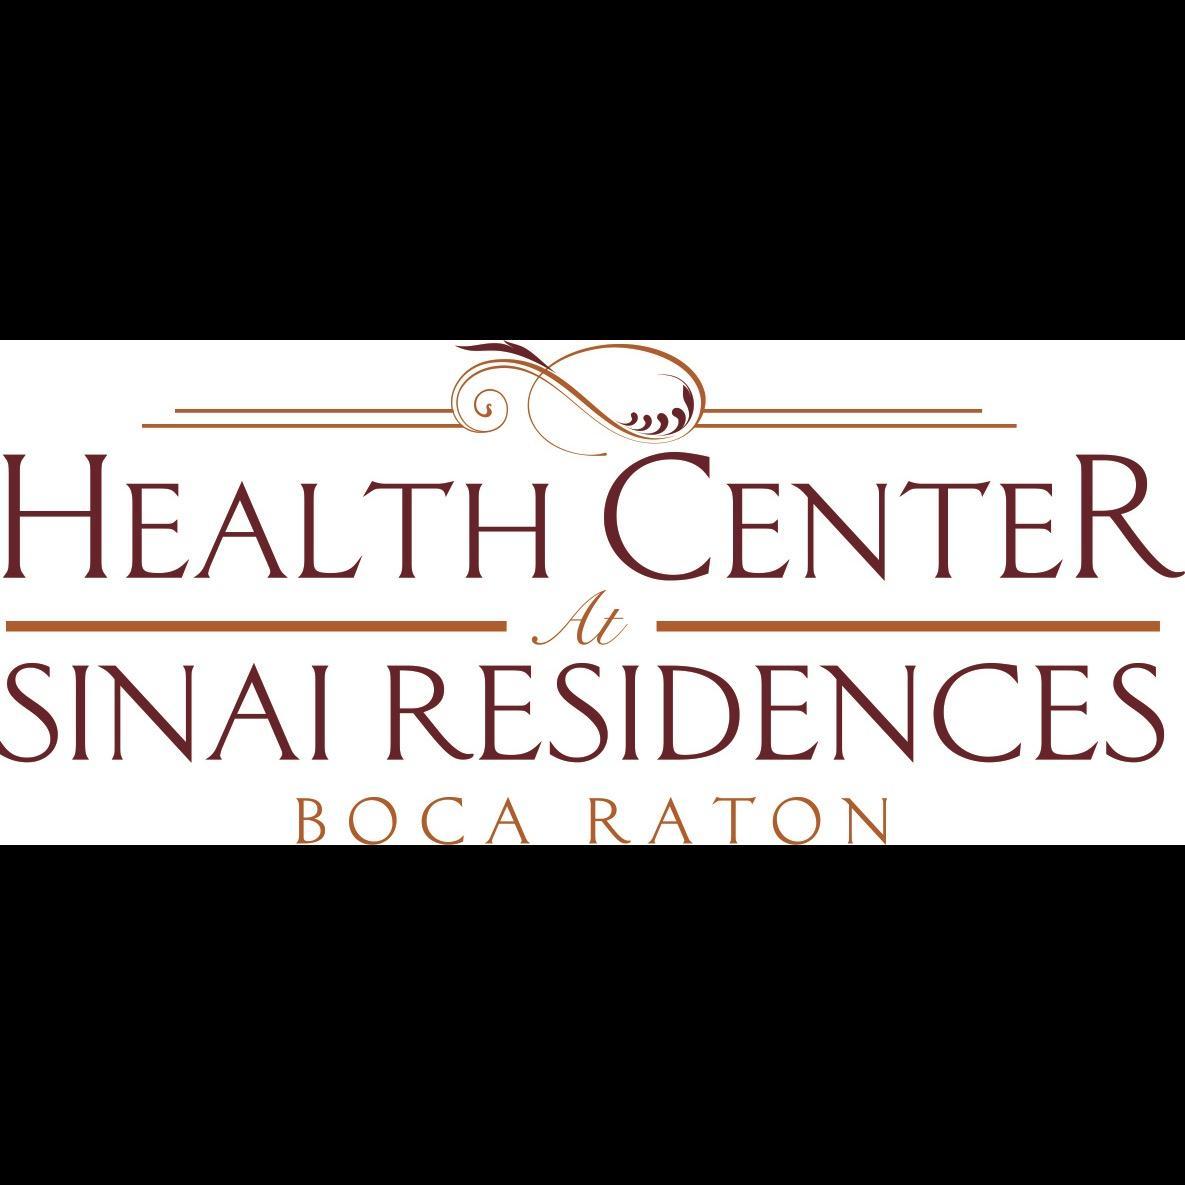 Health Center at Sinai Residences Boca Raton